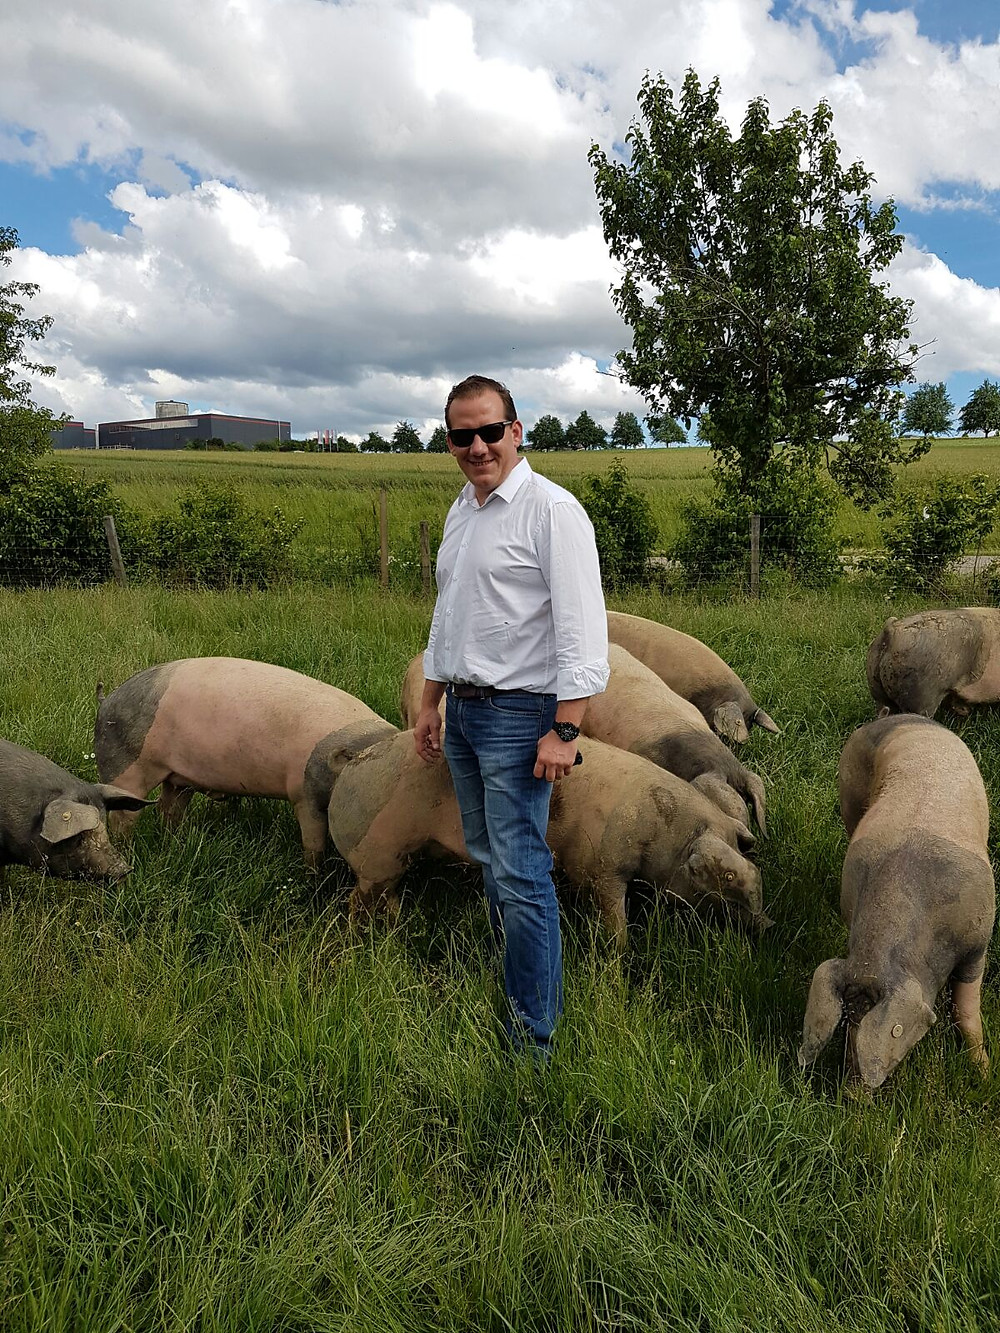 Andreas Vick begutachtet eine Schweinefarm